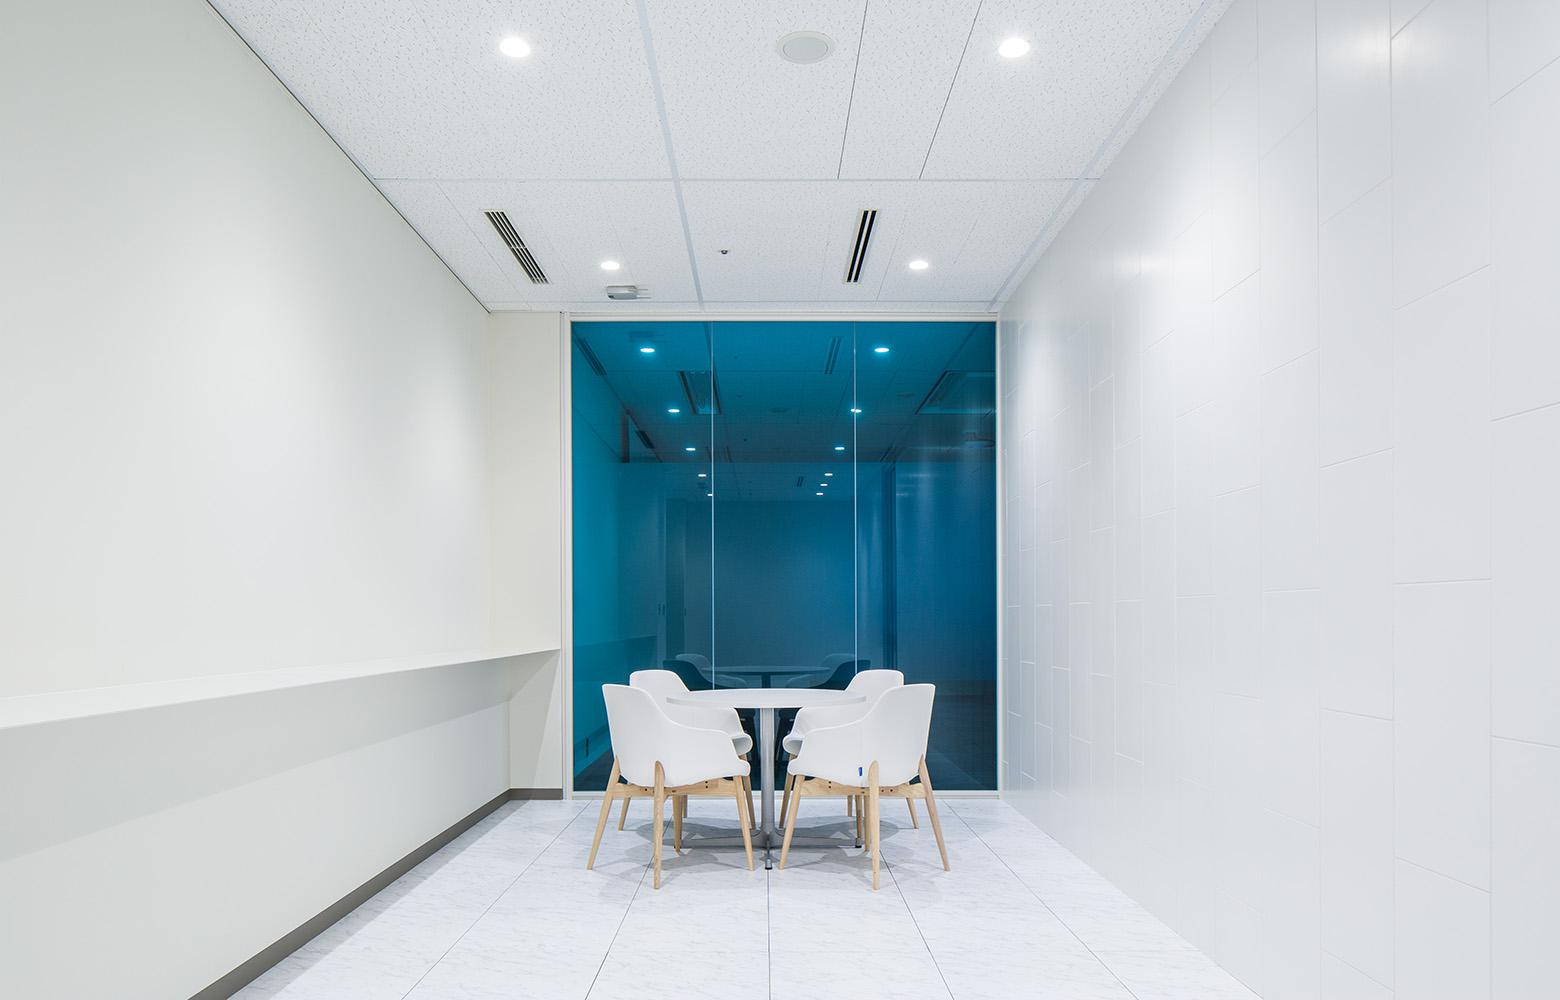 株式会社パピレス Lounge デザイン・レイアウト事例